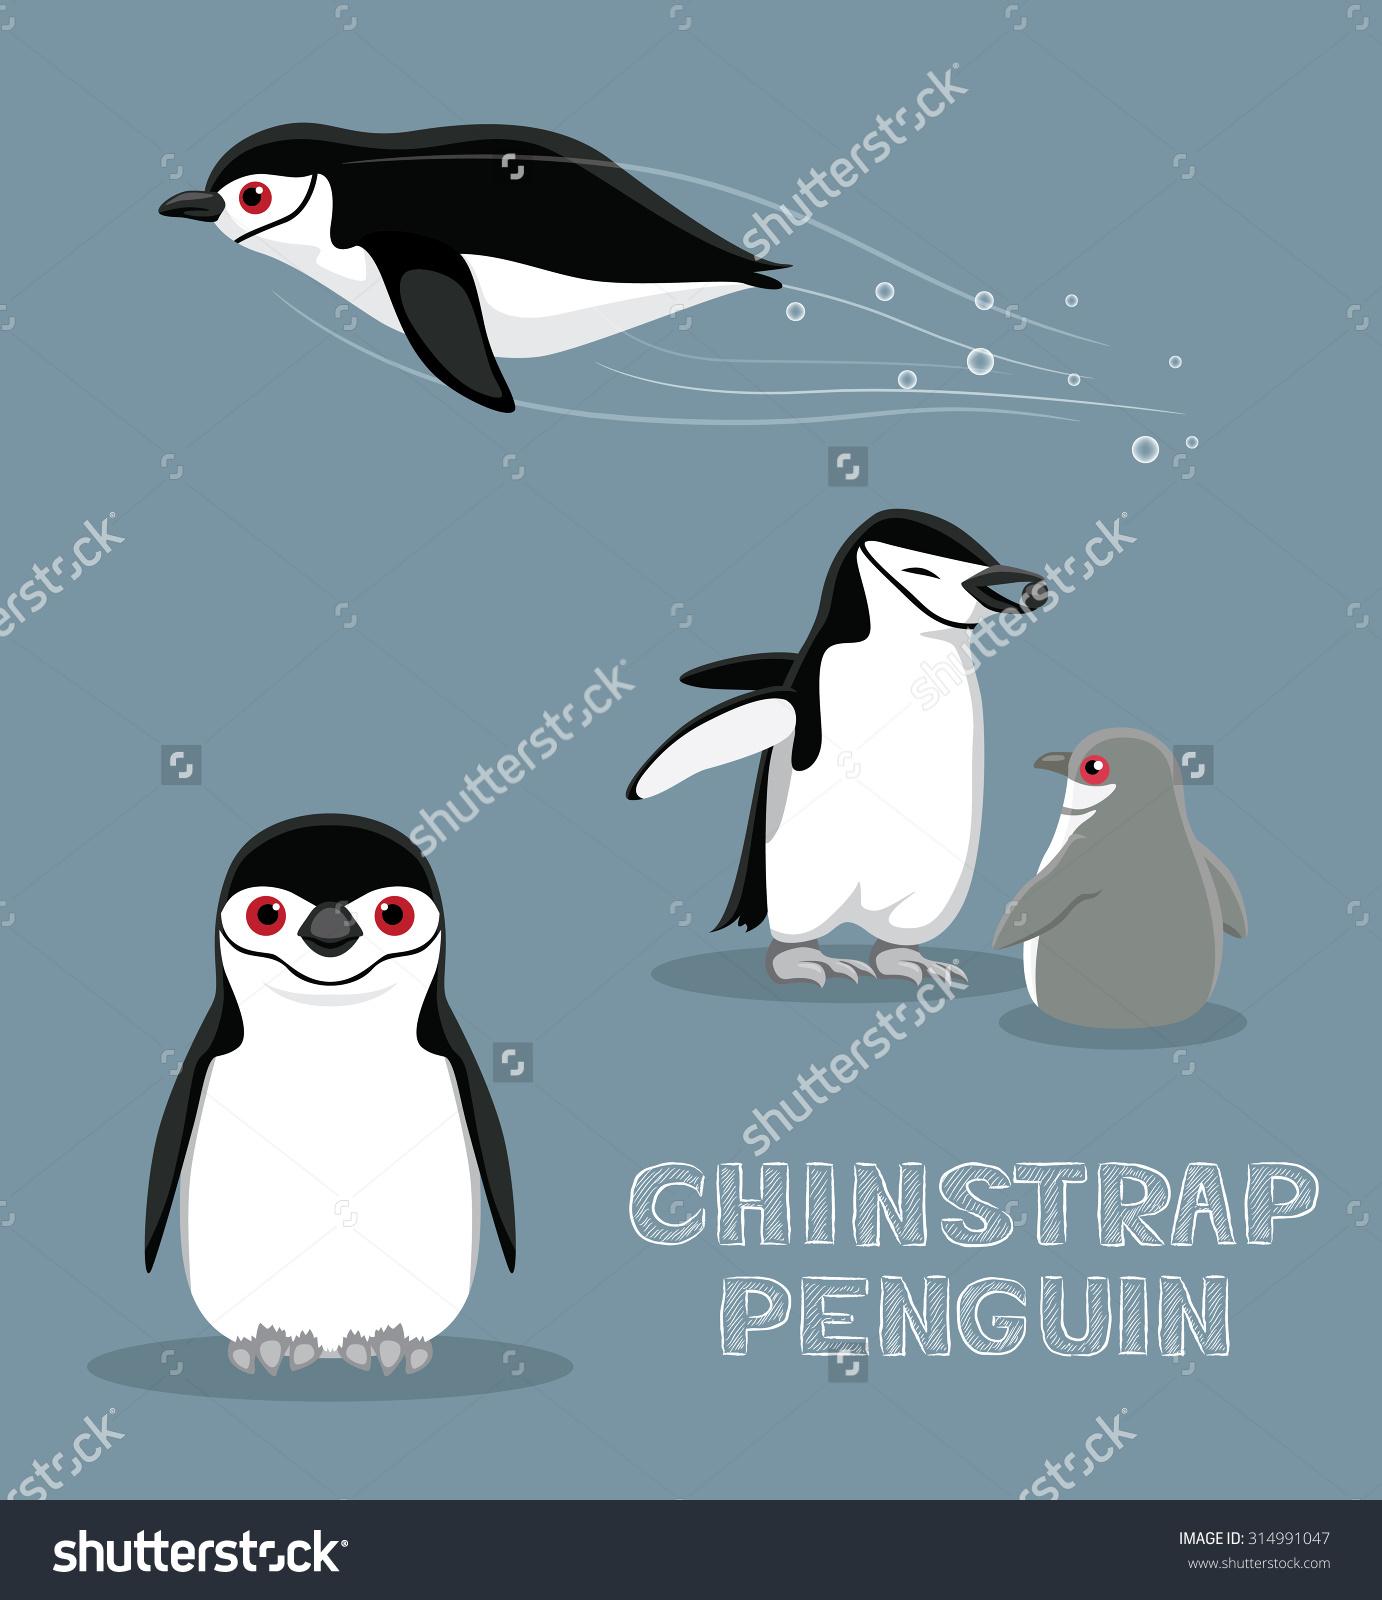 Chinstrap Penguin Cartoon Vector Illustration Stock Vector.